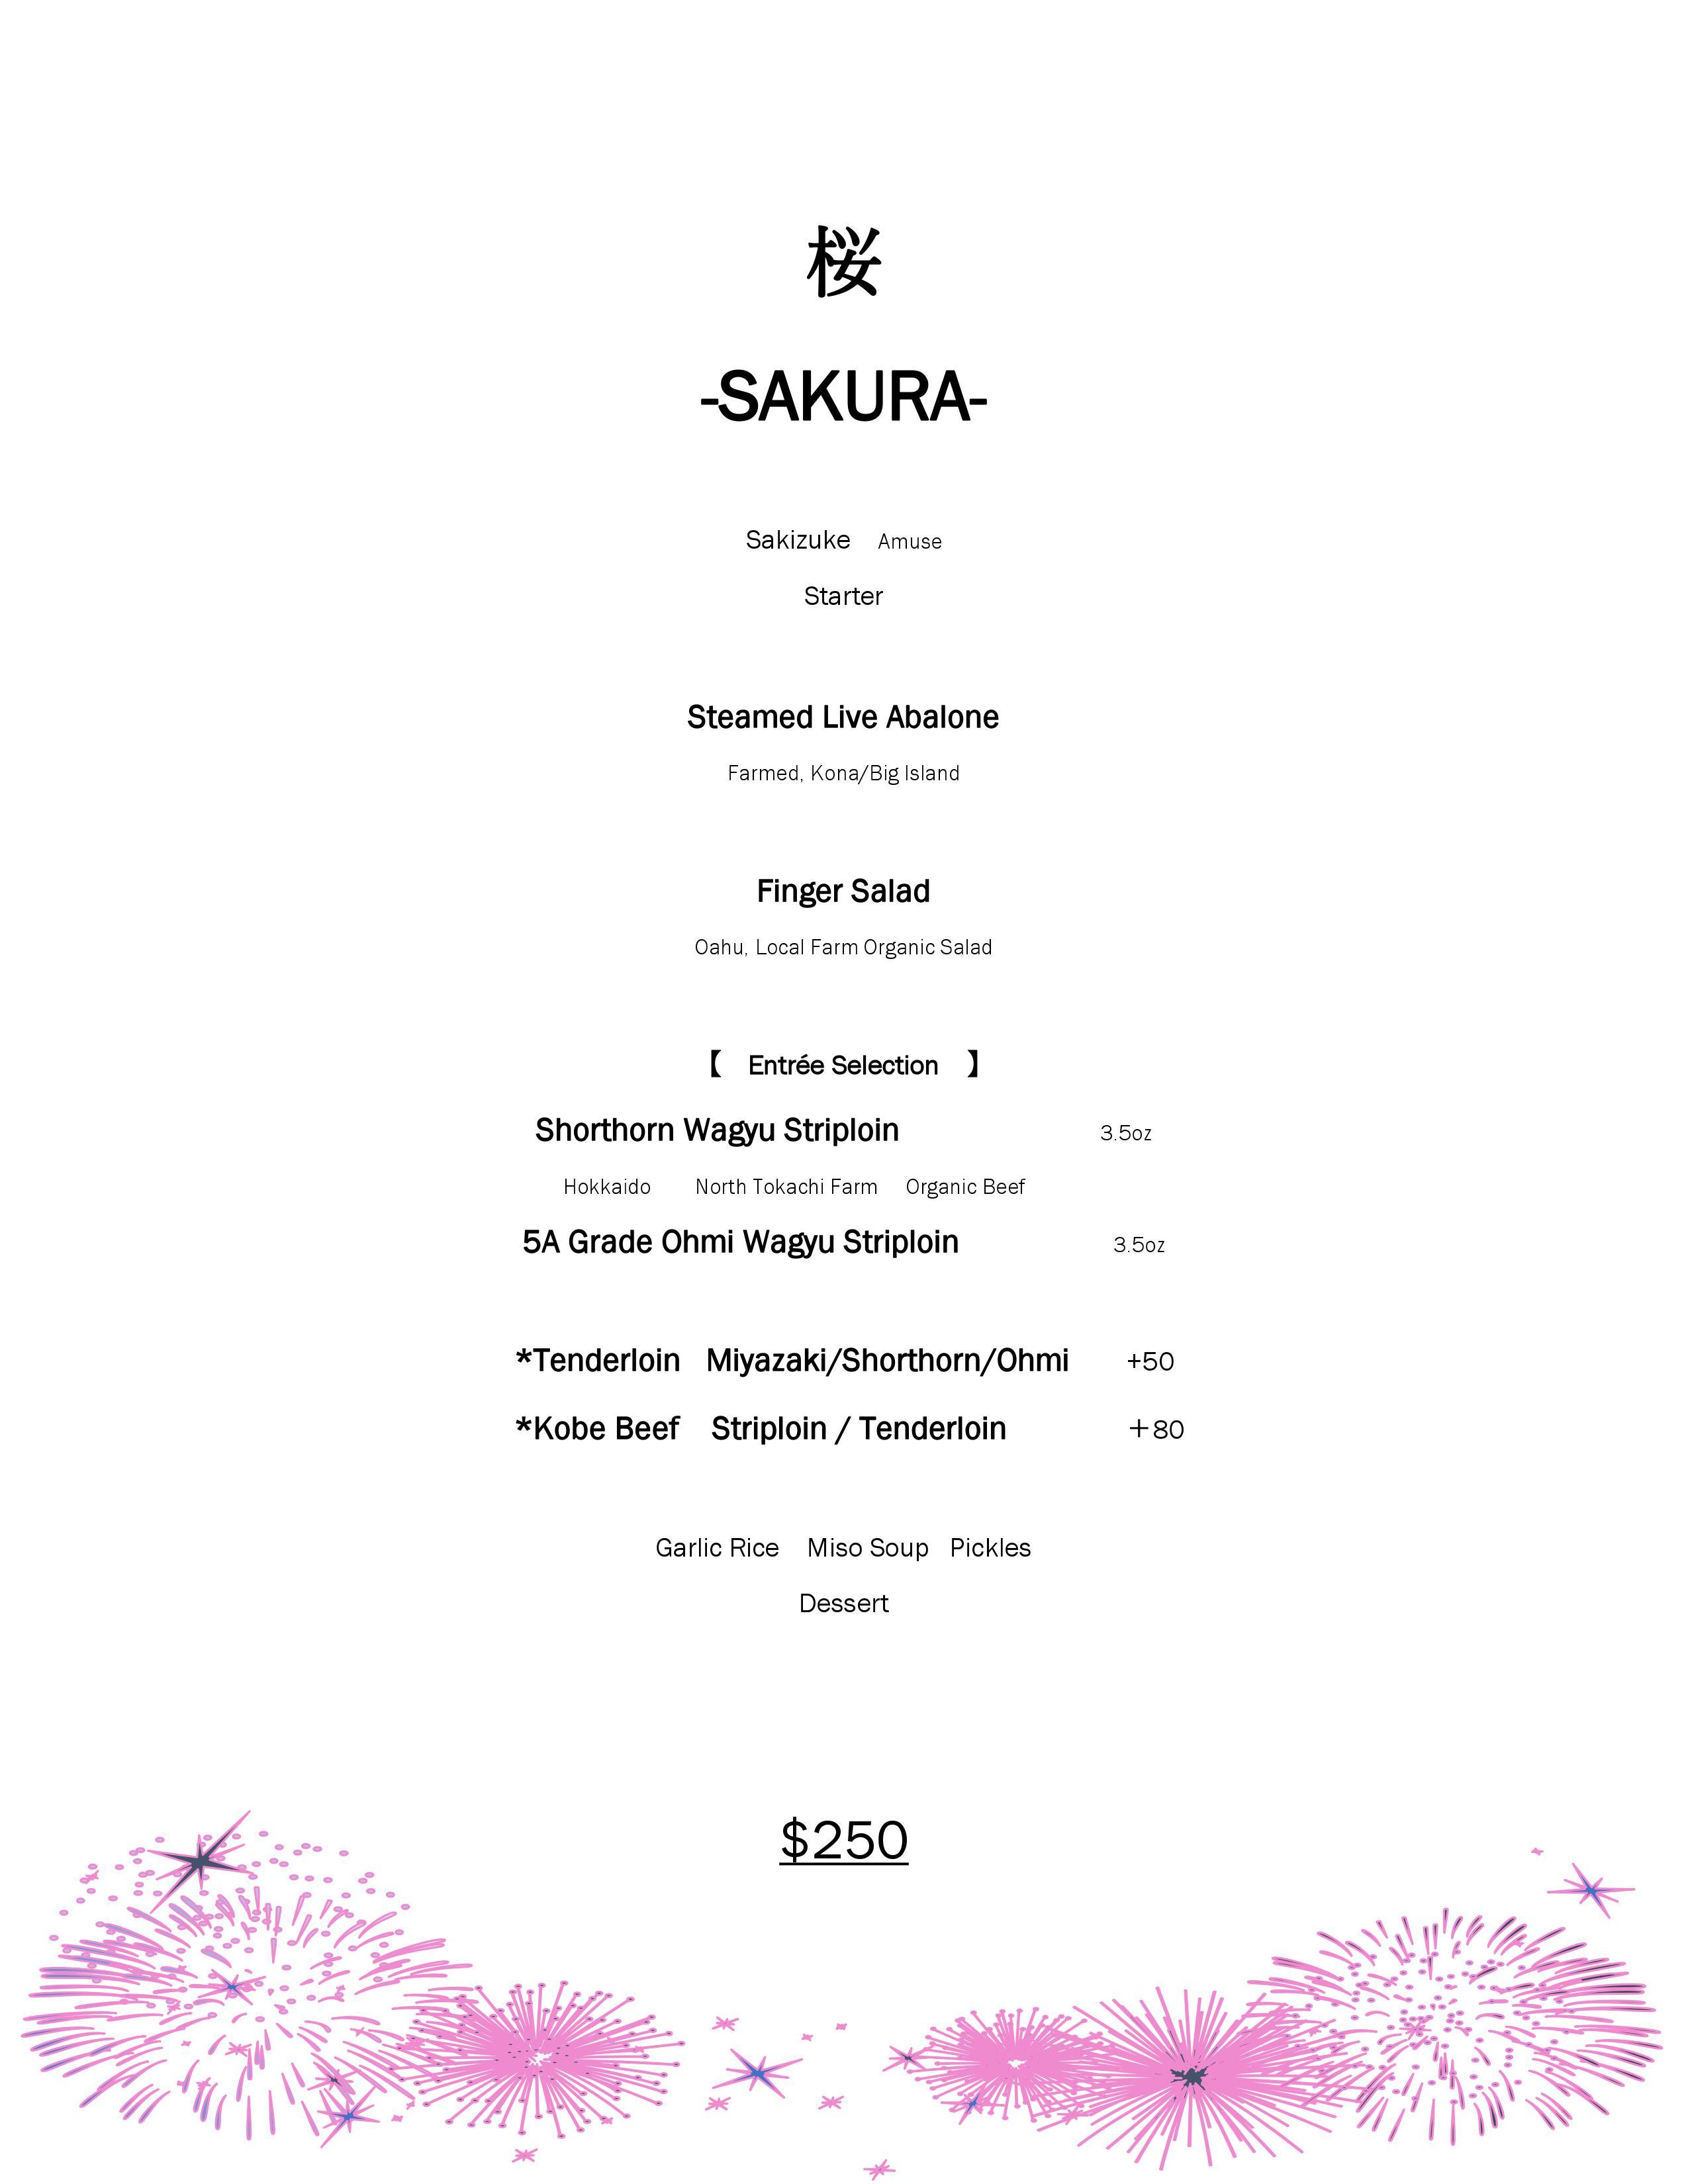 鉄板焼 [ハワイ店] ディナーメニュー11